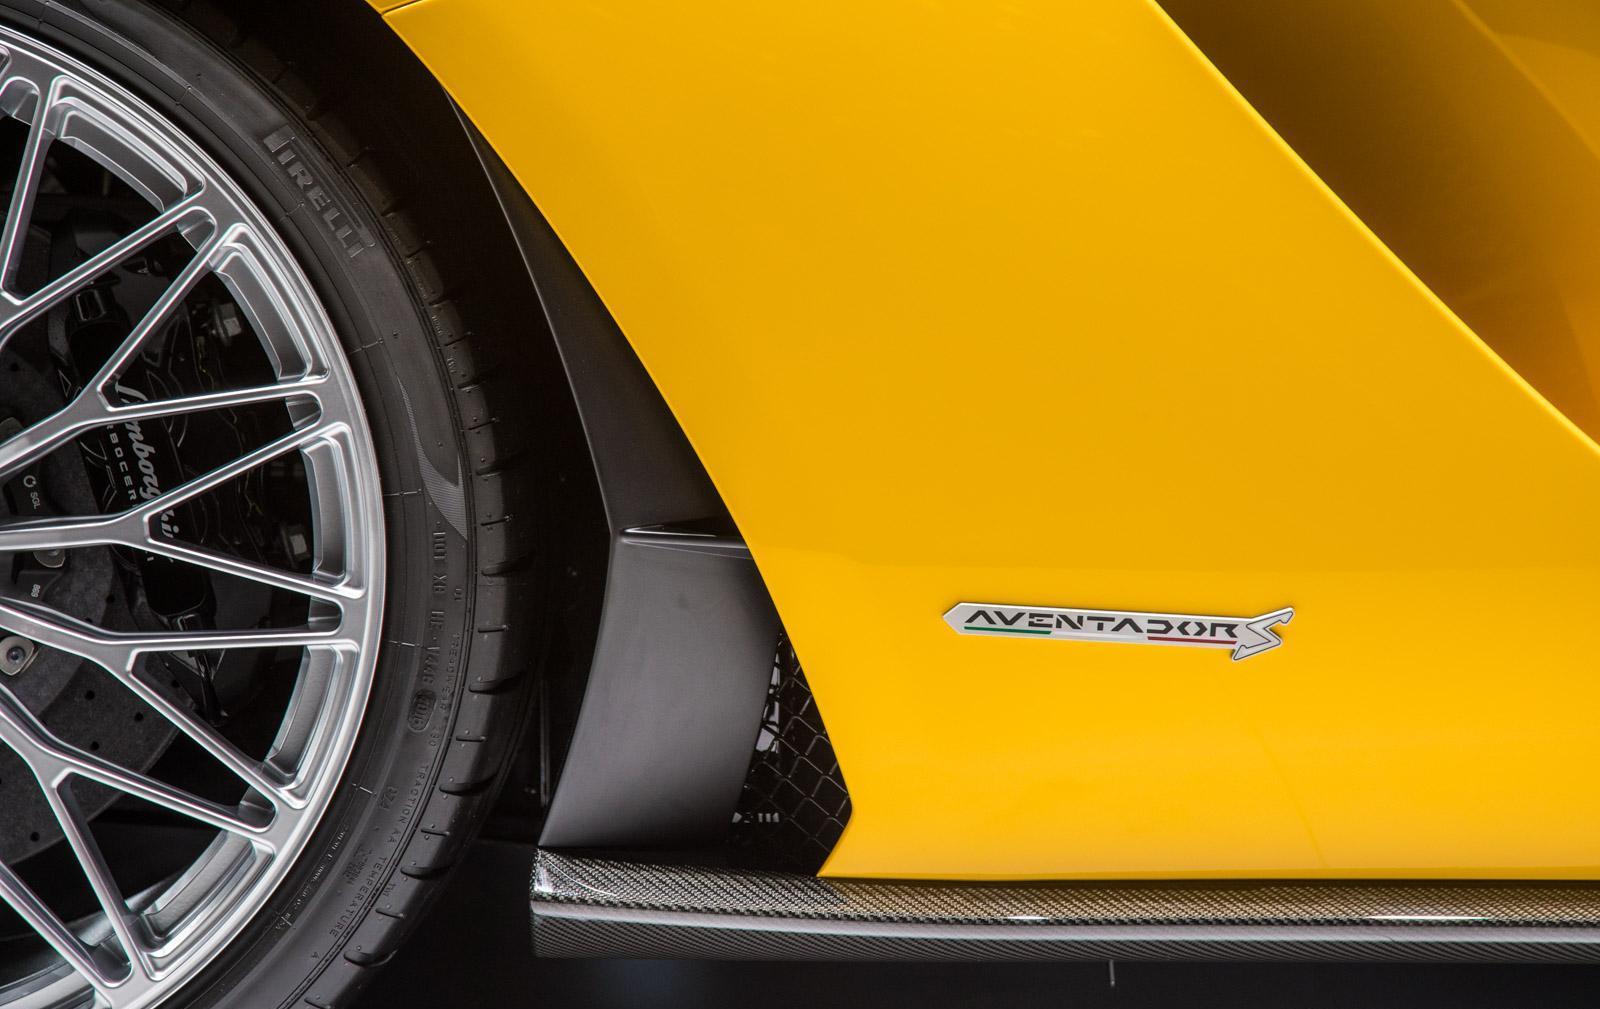 Lamborghini-aventador-s-007